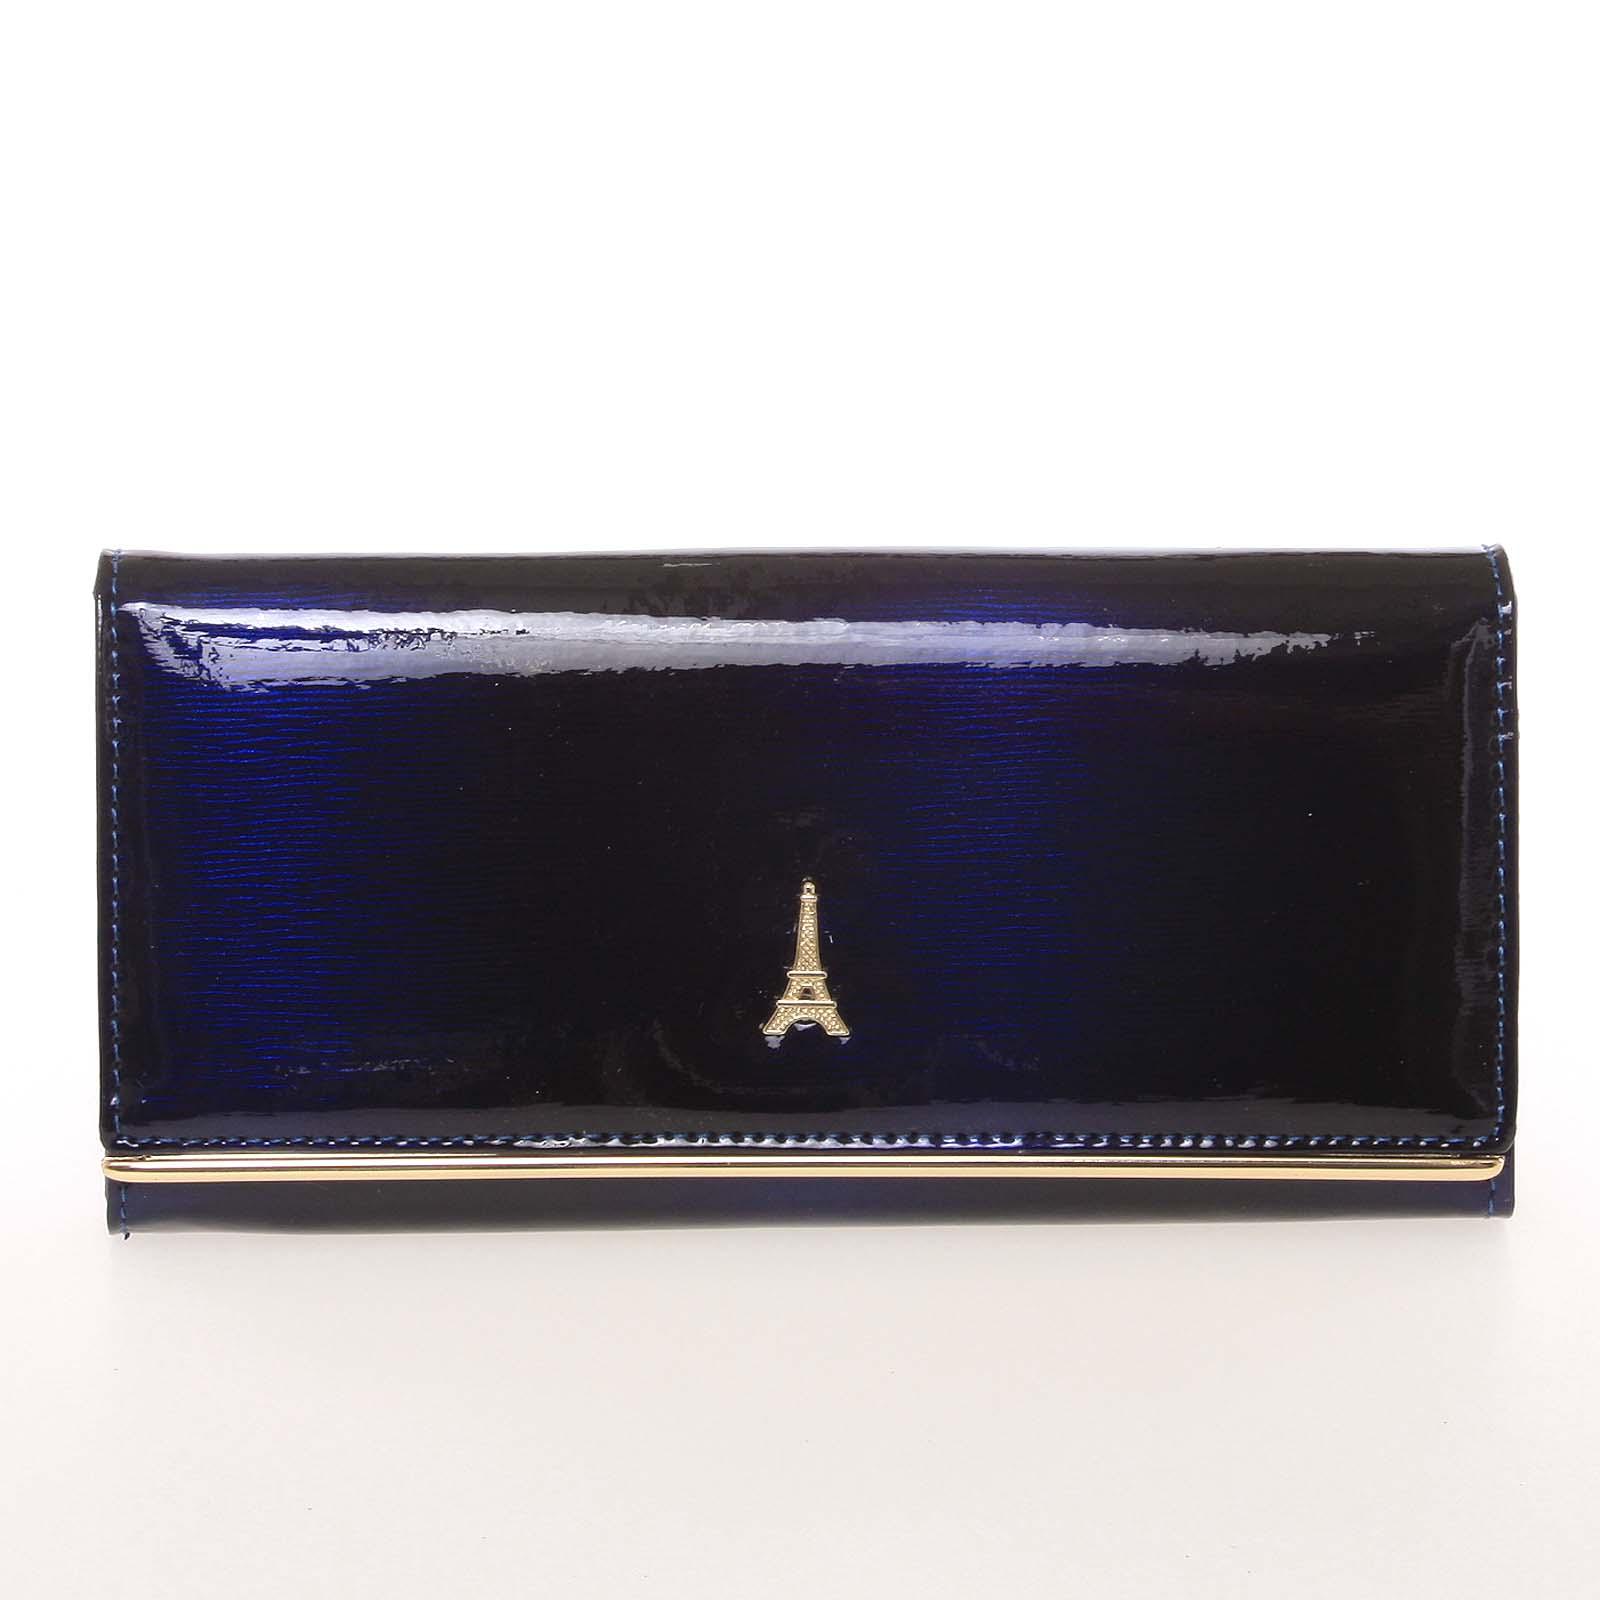 Luxusní kožená dámská peněženka tmavě modrá - PARIS 72401DSHK